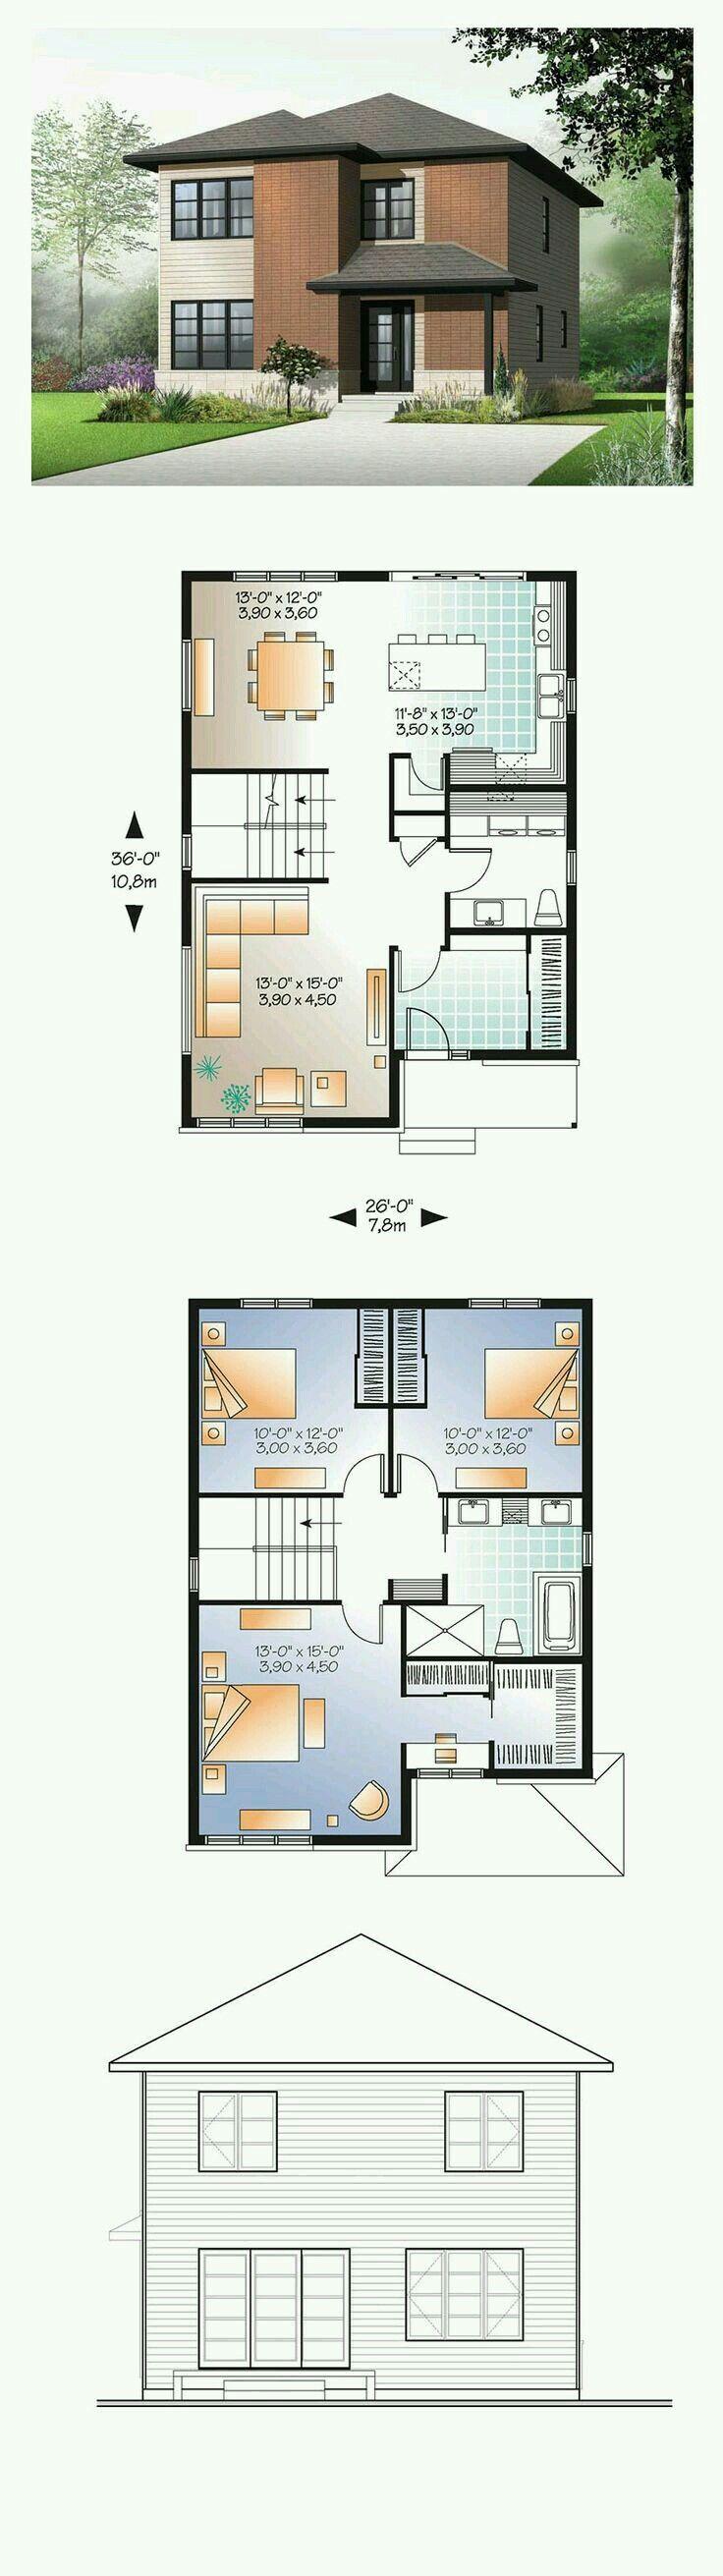 Pi di 25 fantastiche idee su planimetrie di case su for Nuovi piani di casa inghilterra